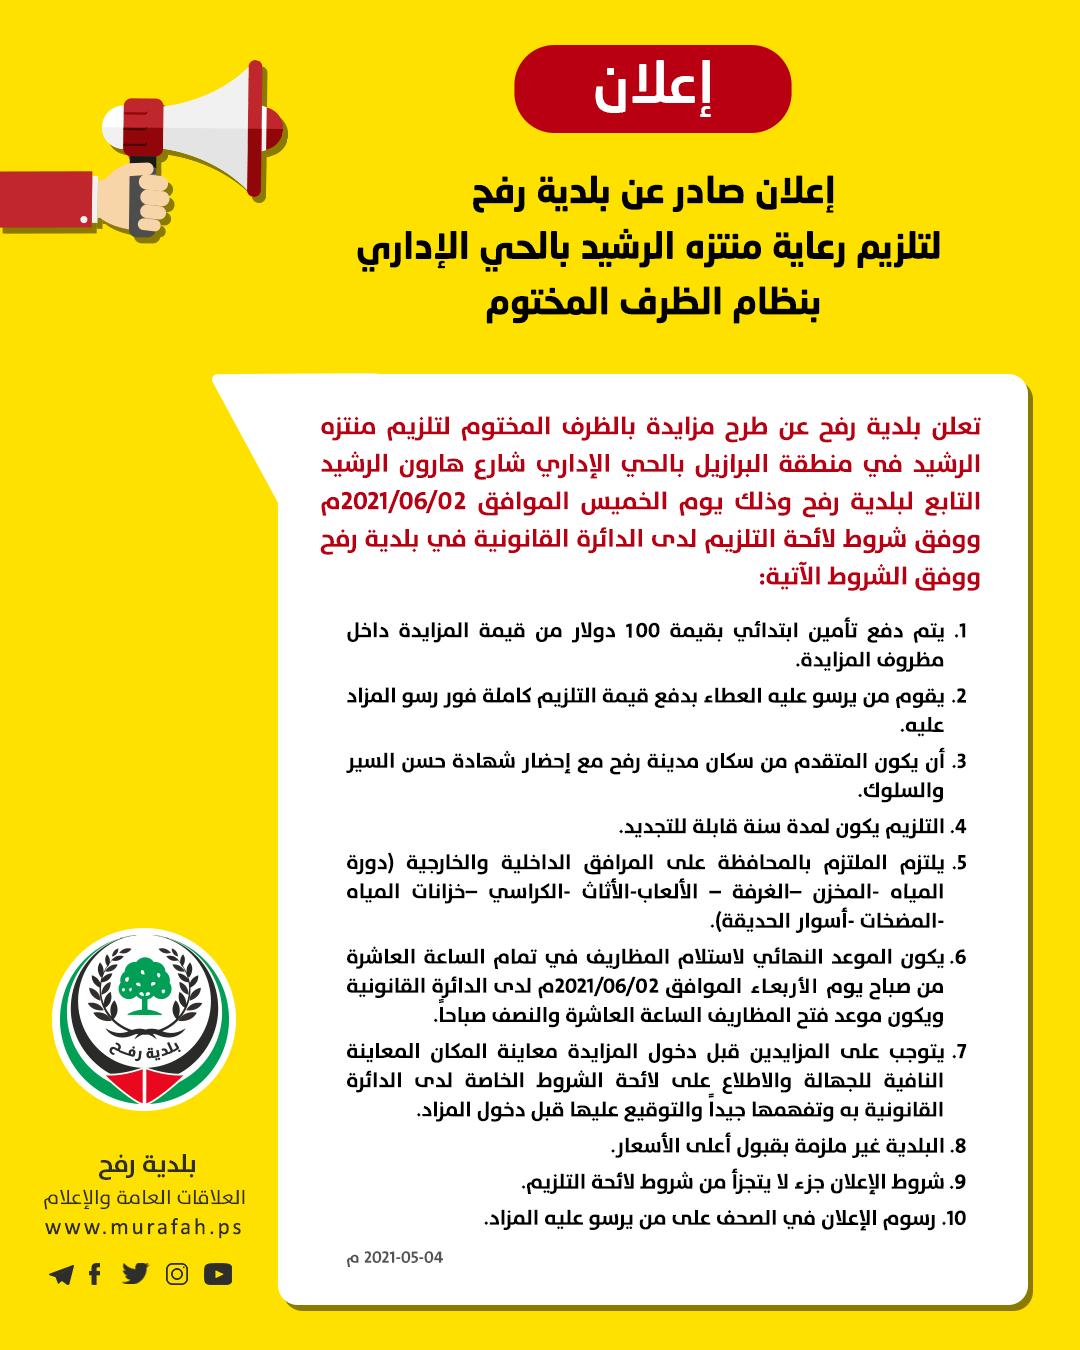 إعادة إعلان تلزيم منتزه هارون الرشيد